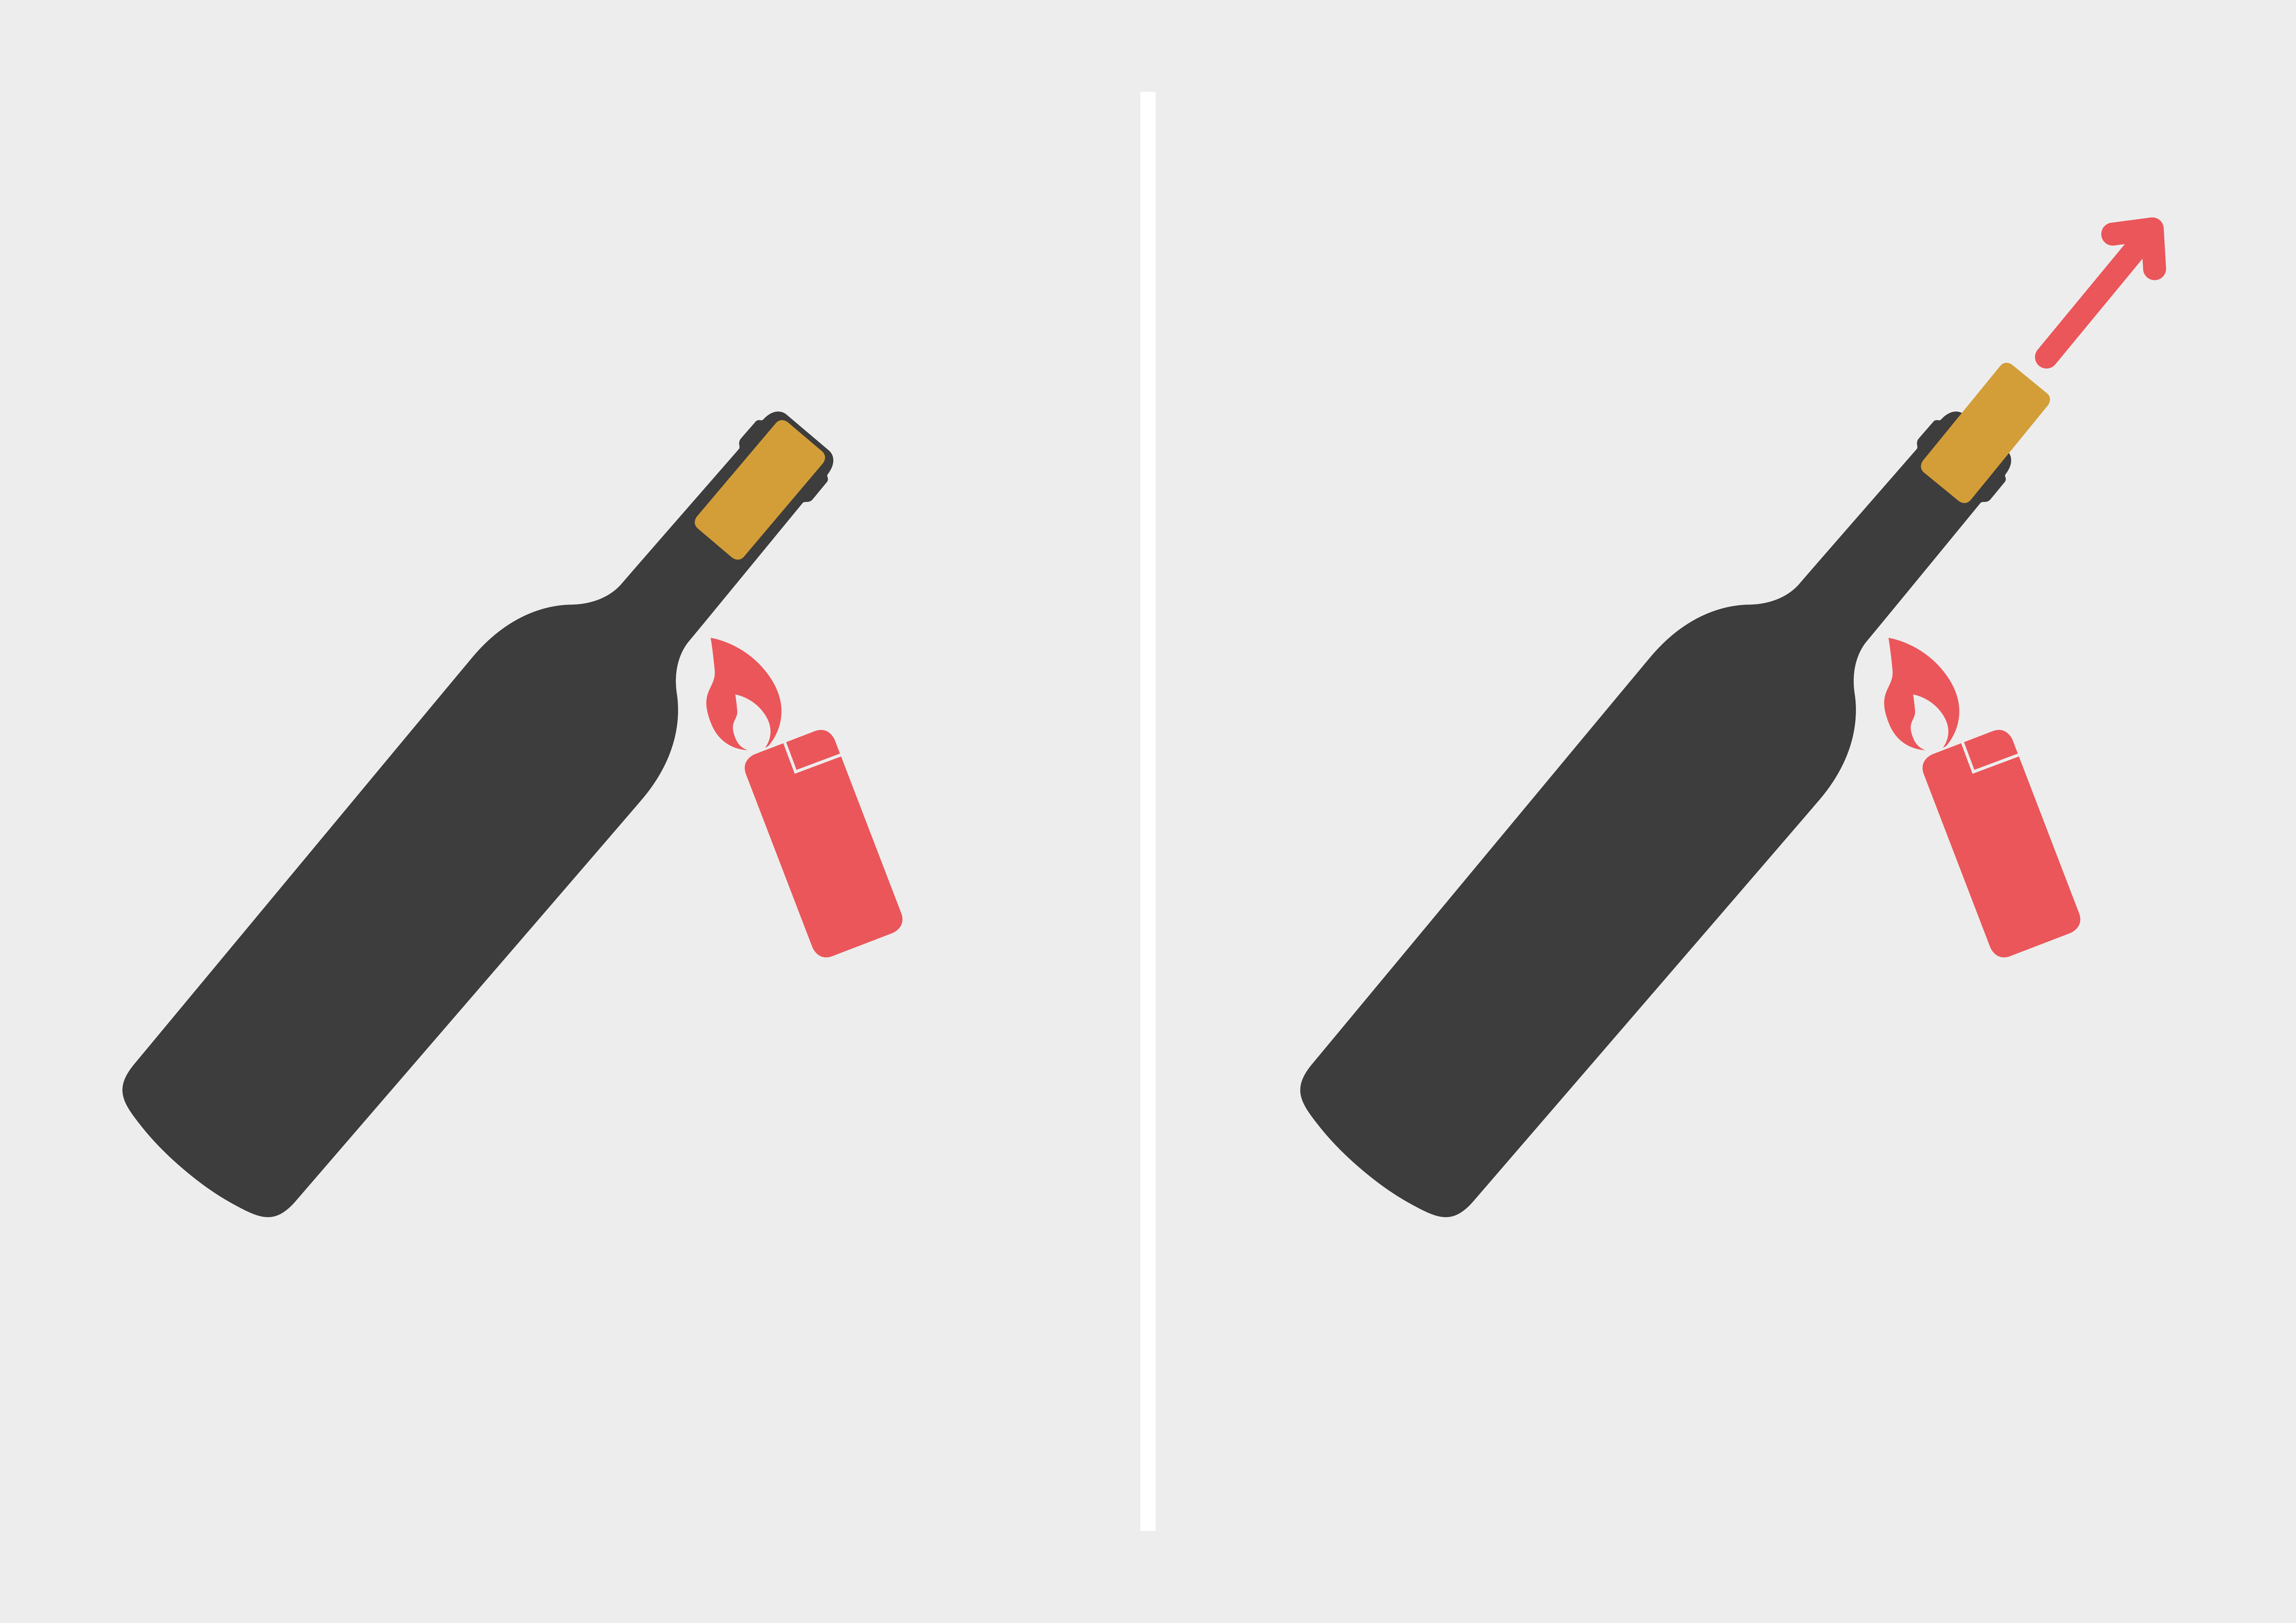 Hervorragend Erste Hilfe: Weinflasche öffnen ohne Korkenzieher | Weinfreunde QL27